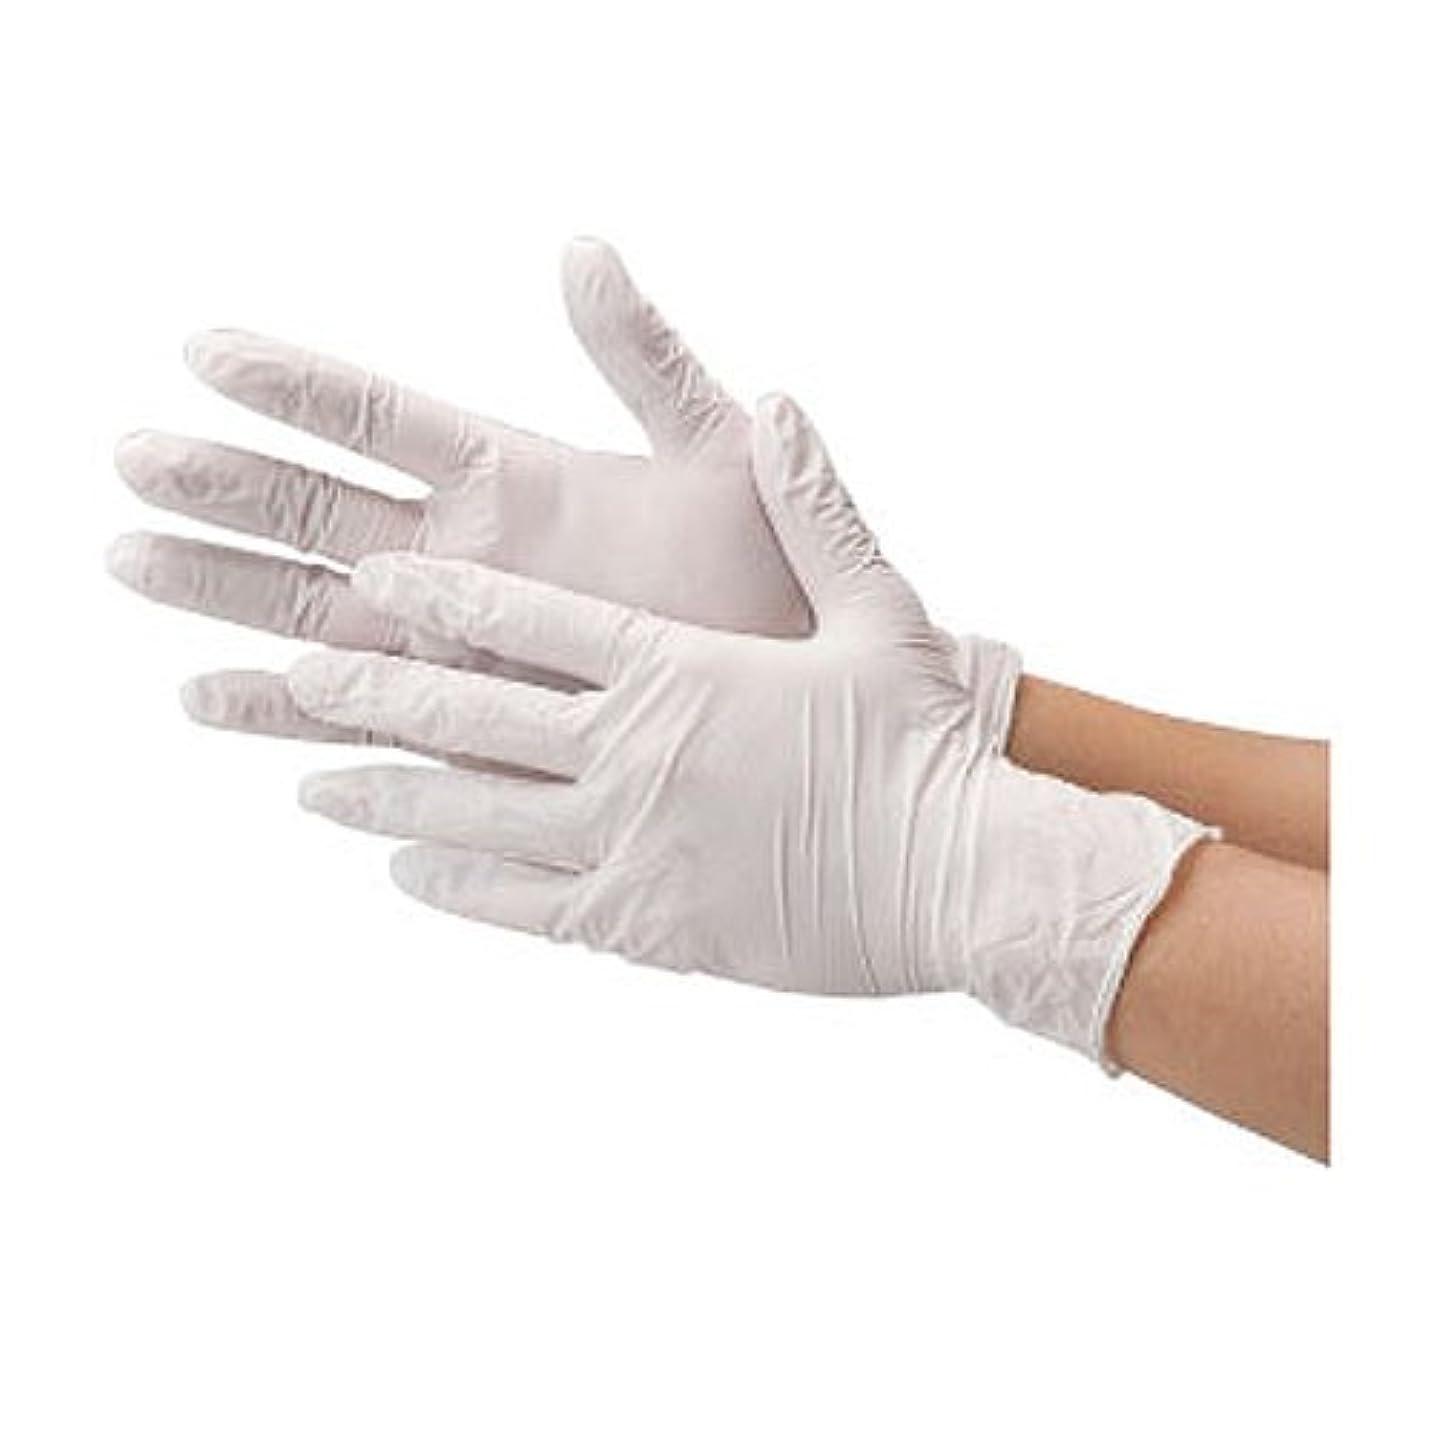 先フェロー諸島コジオスコ川西工業 ニトリル 使いきり手袋 ストロング 粉無 100枚入り 2037 ホワイトS